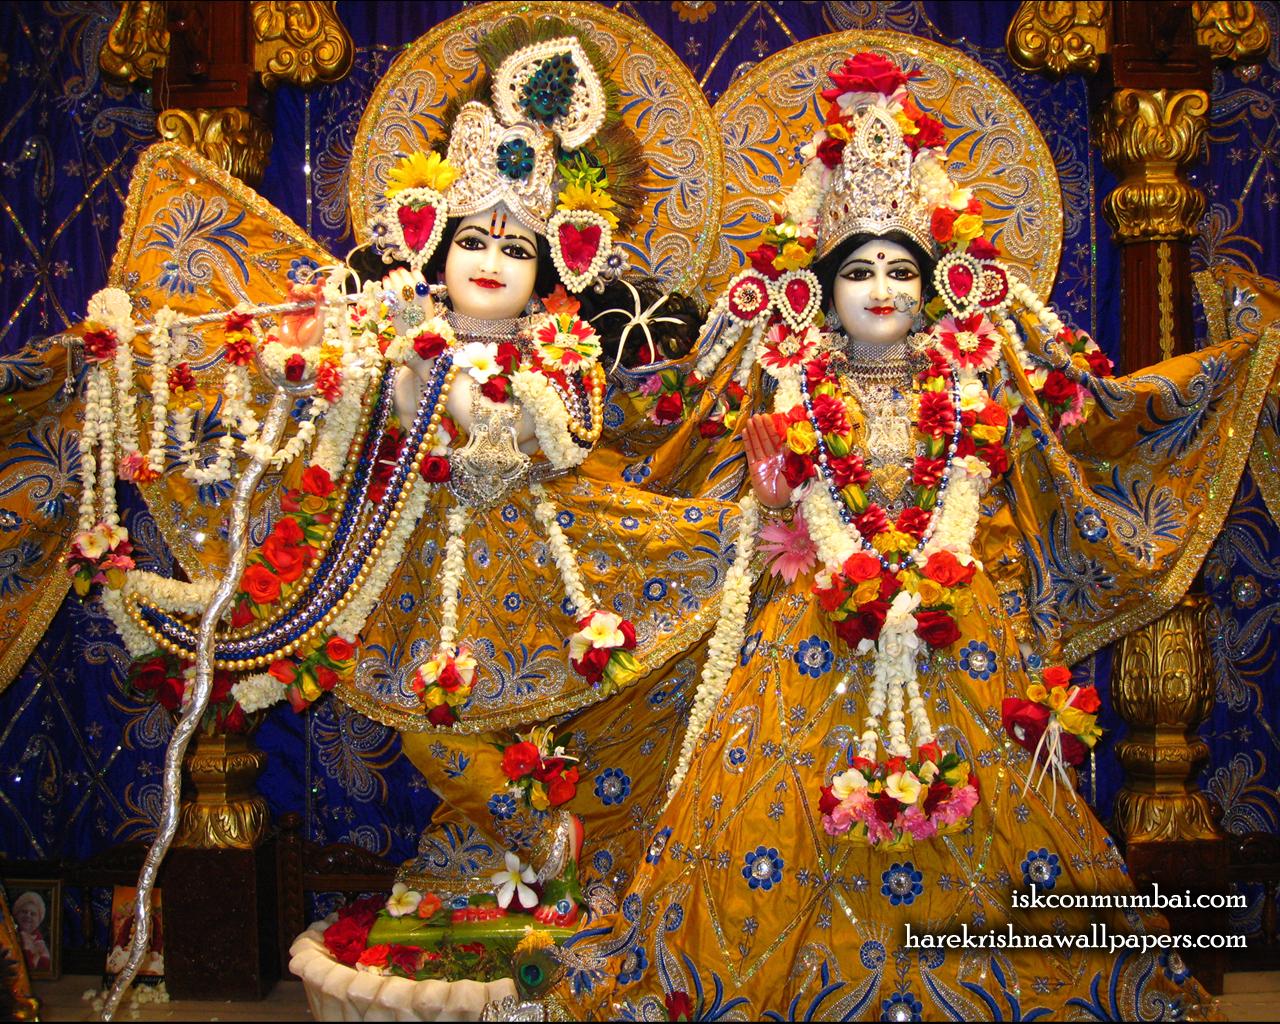 Sri Sri Radha Rasabihari Wallpaper (001) Size 1280x1024 Download